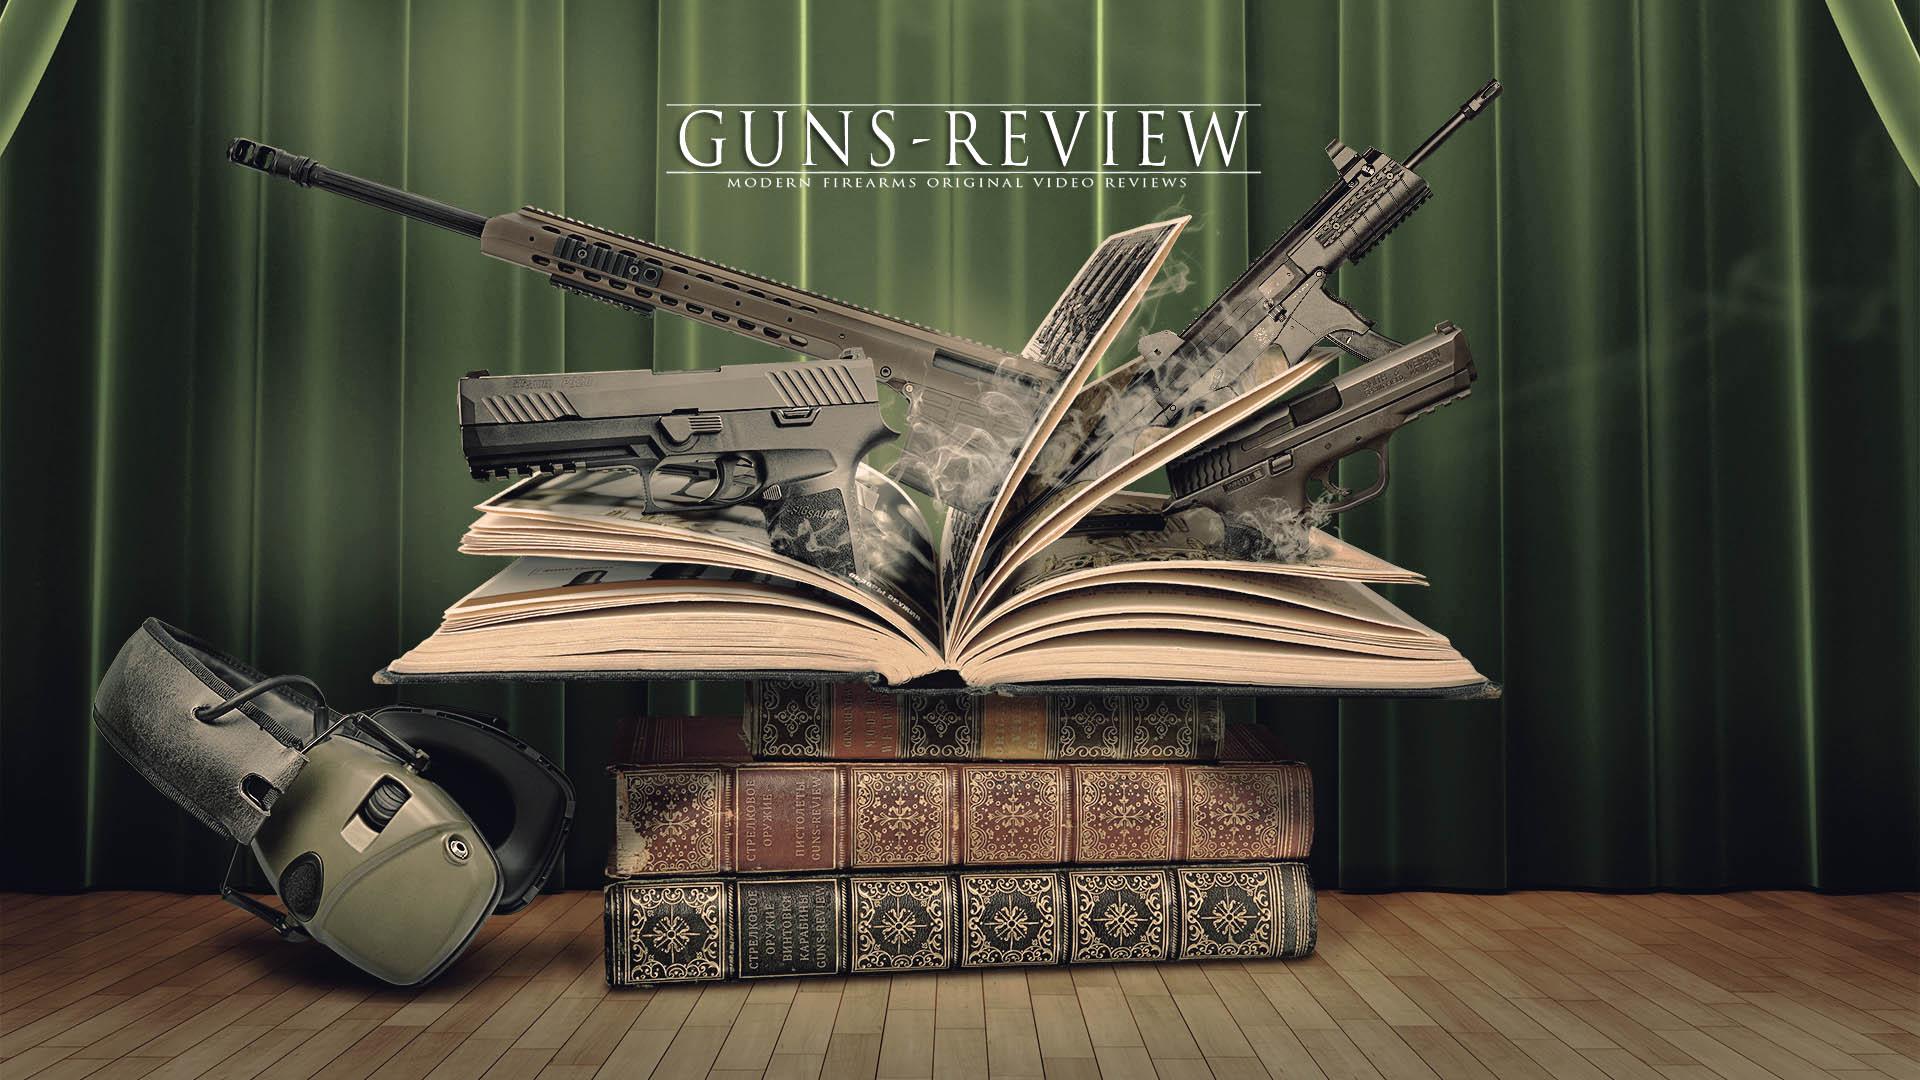 Guns-Review Обзоры Оружия и Стрелковой Амуниции